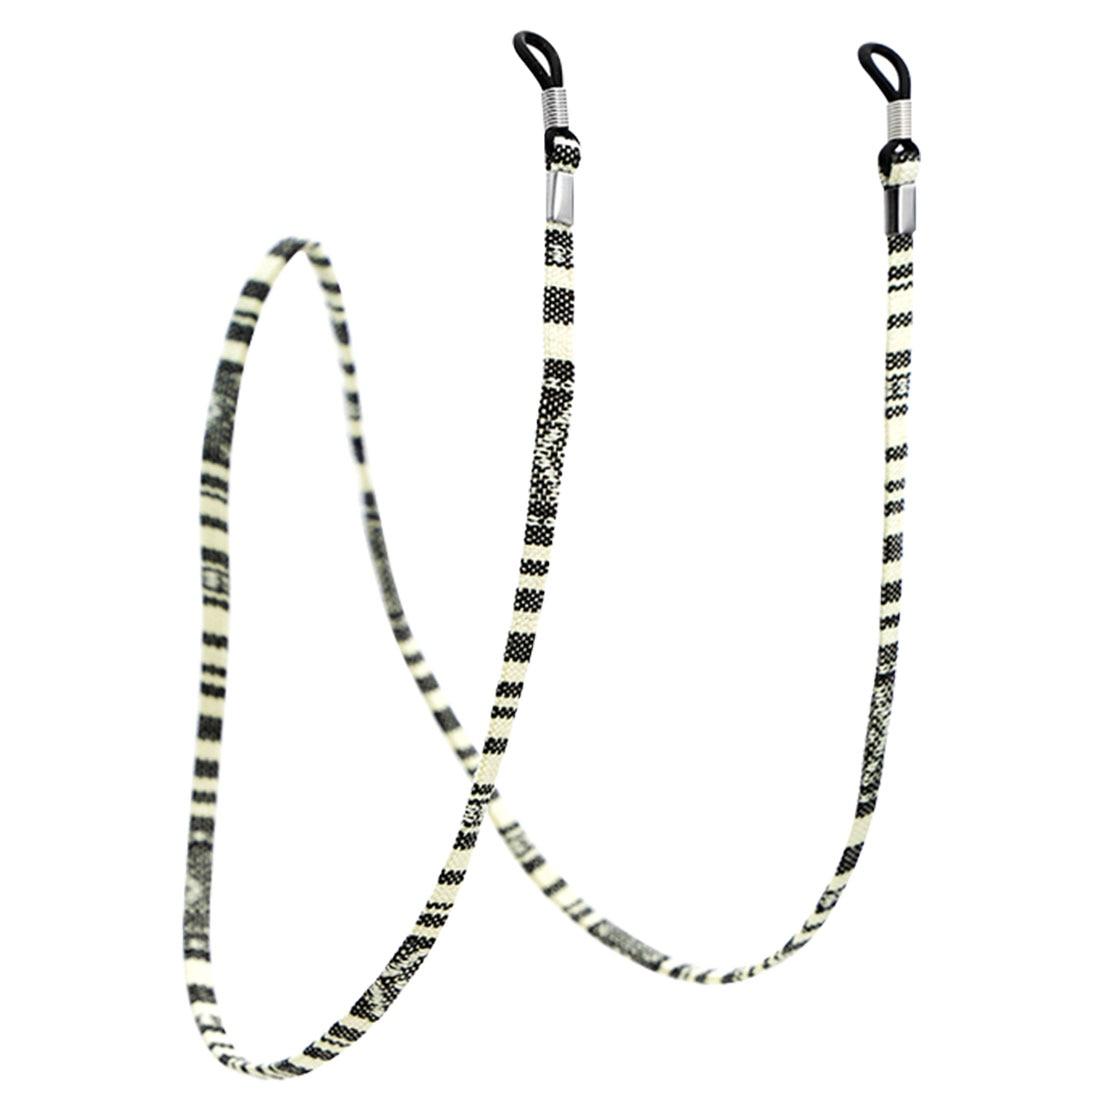 1 шт., 6 цветов, кожаный шнурок для очков, регулируемый конец, держатель для очков, красочные кожаные очки, шейный ремешок, веревка, ремешок - Цвет: 5